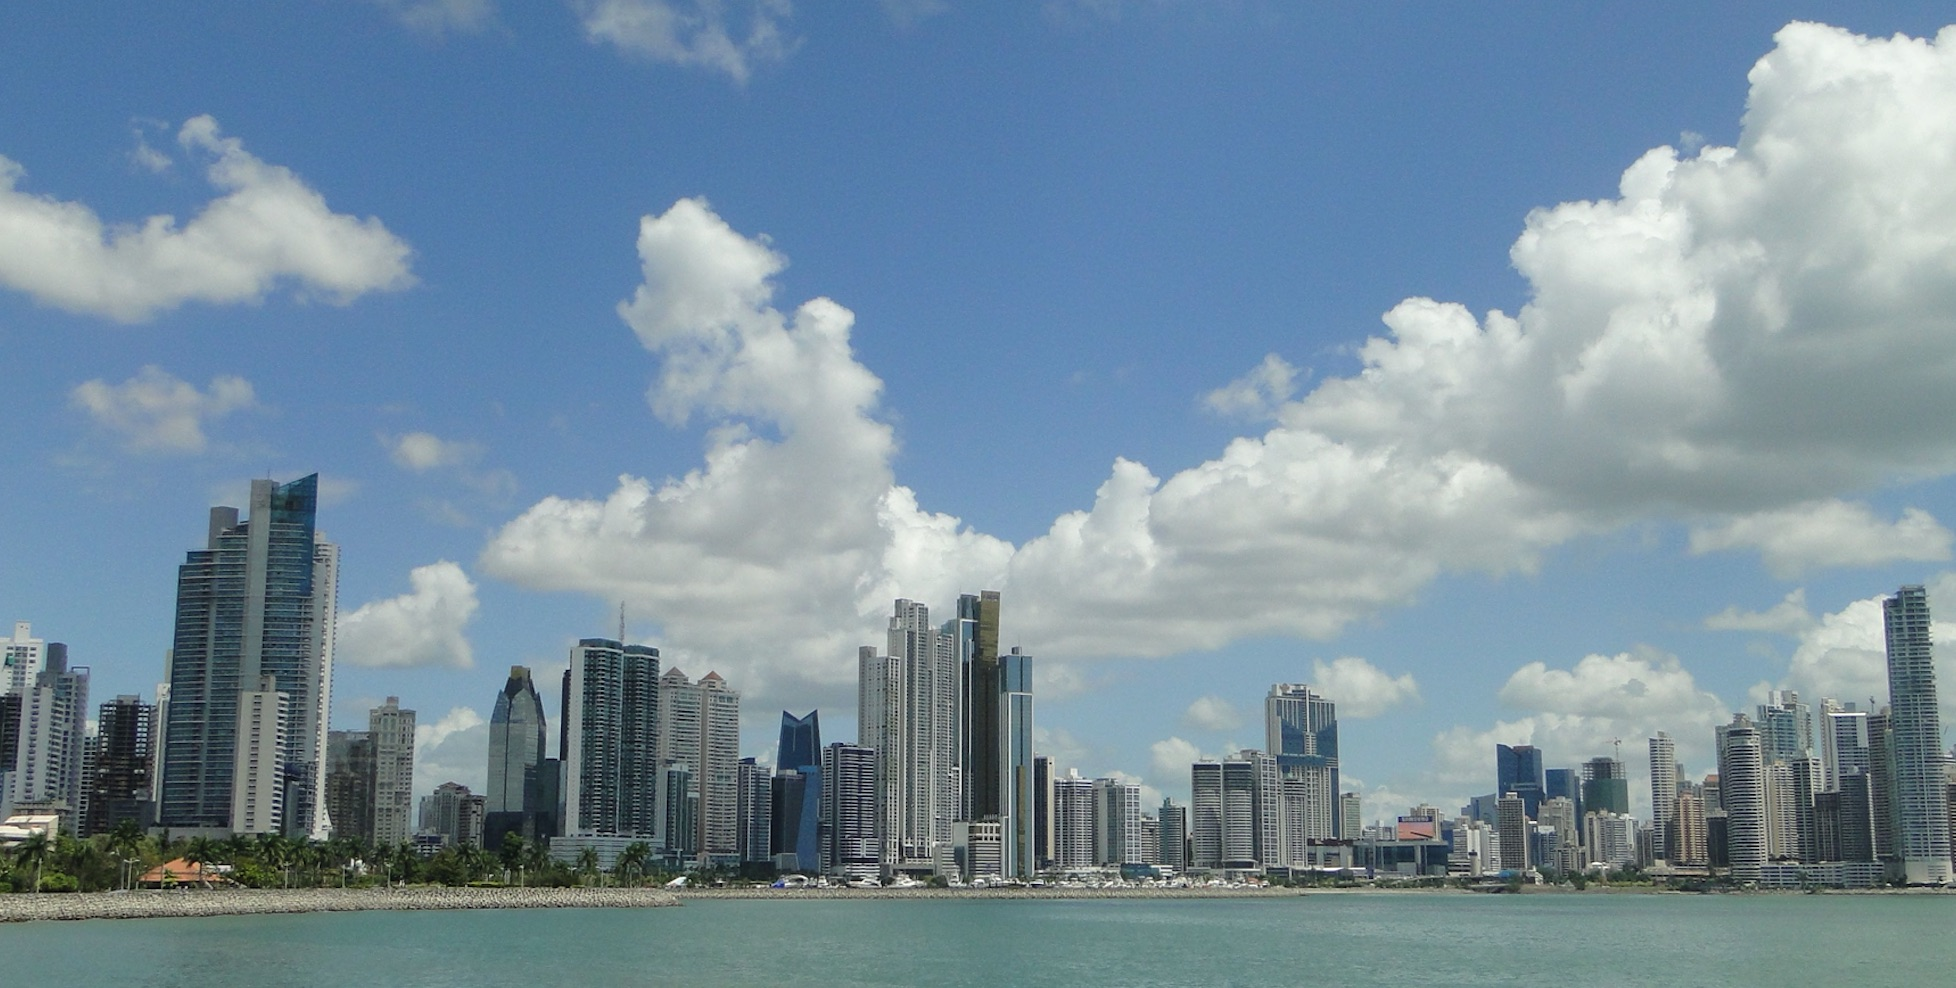 BienesRaíces-CaobaRealty-Panama-PanamaCity-RealEstate-AgenciaInmobiliaria-Panama